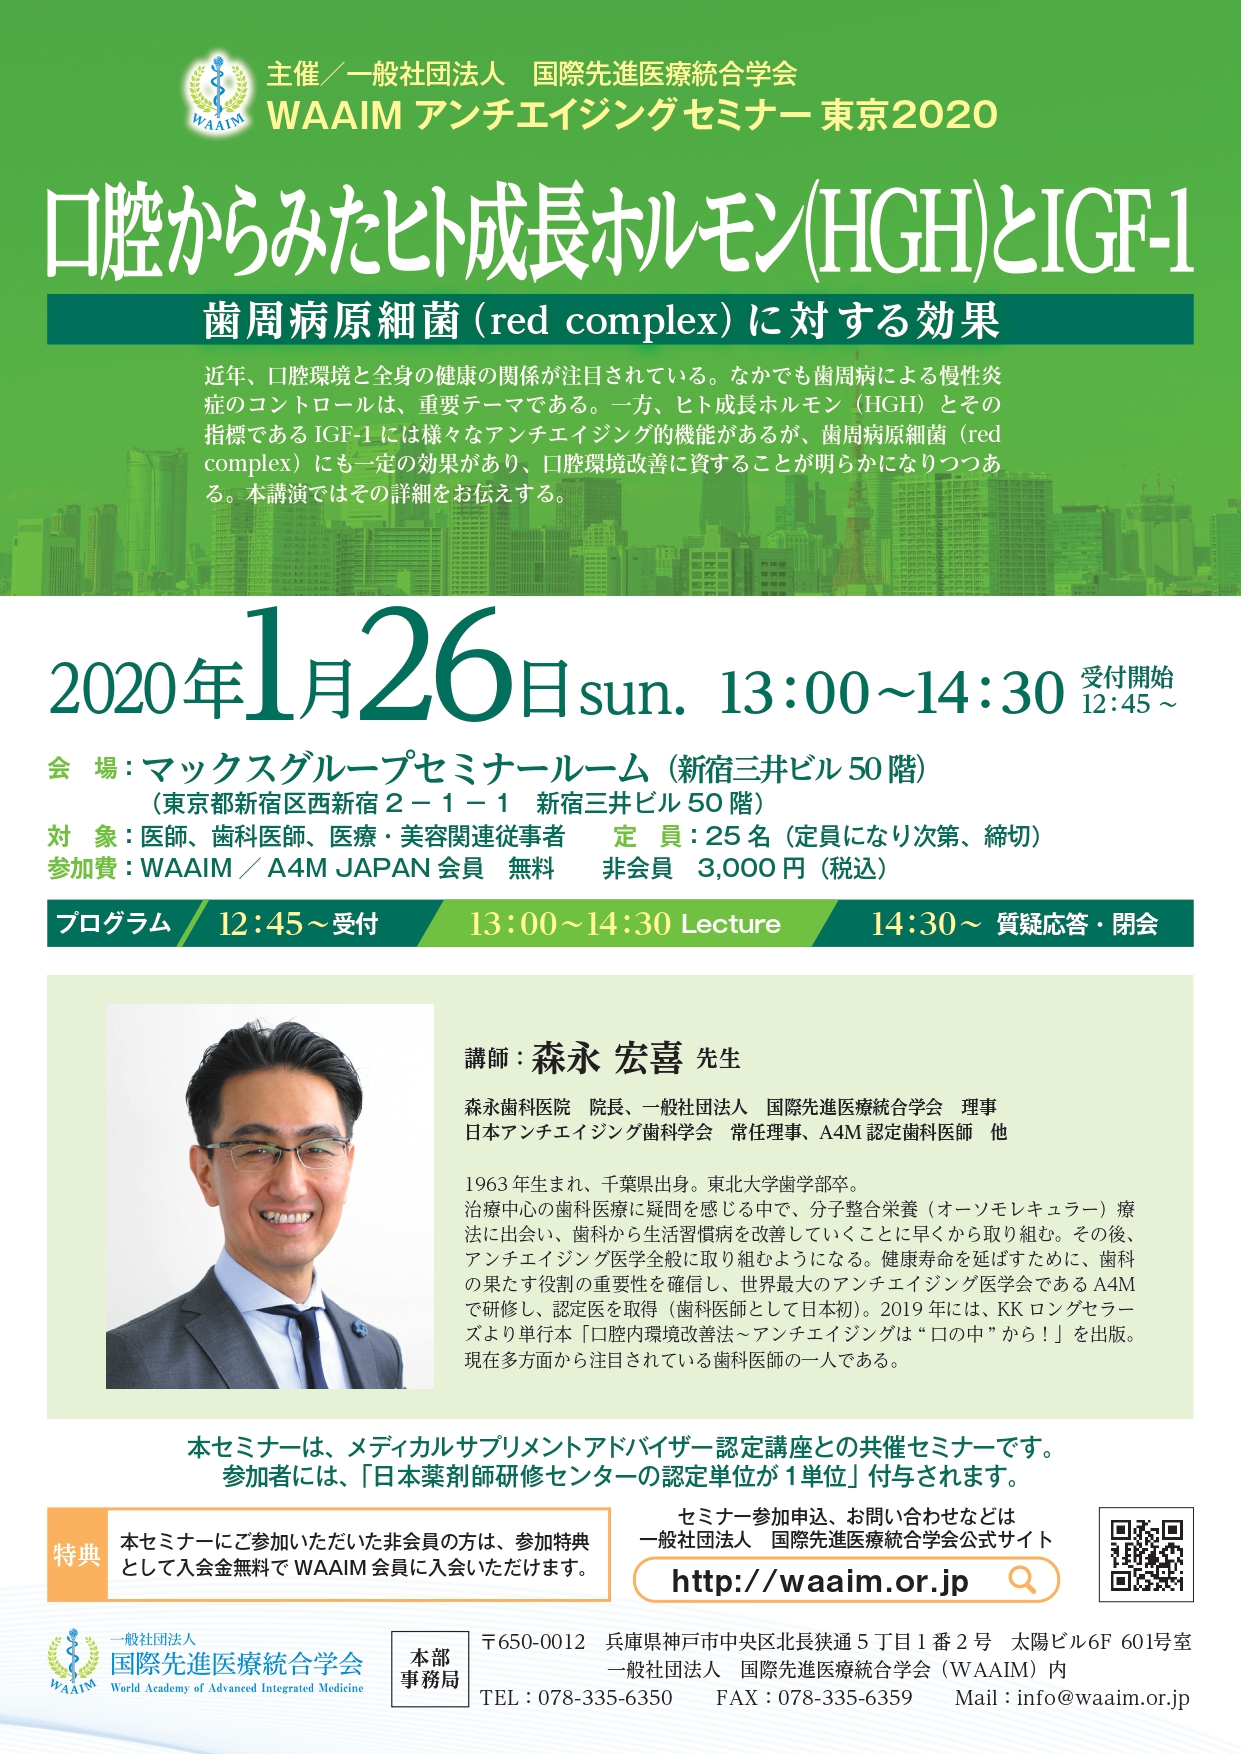 【本セミナーは満席となりました。お申込みありがとうございます。】『WAAIMアンチエイジングセミナー東京2020』開催のお知らせ